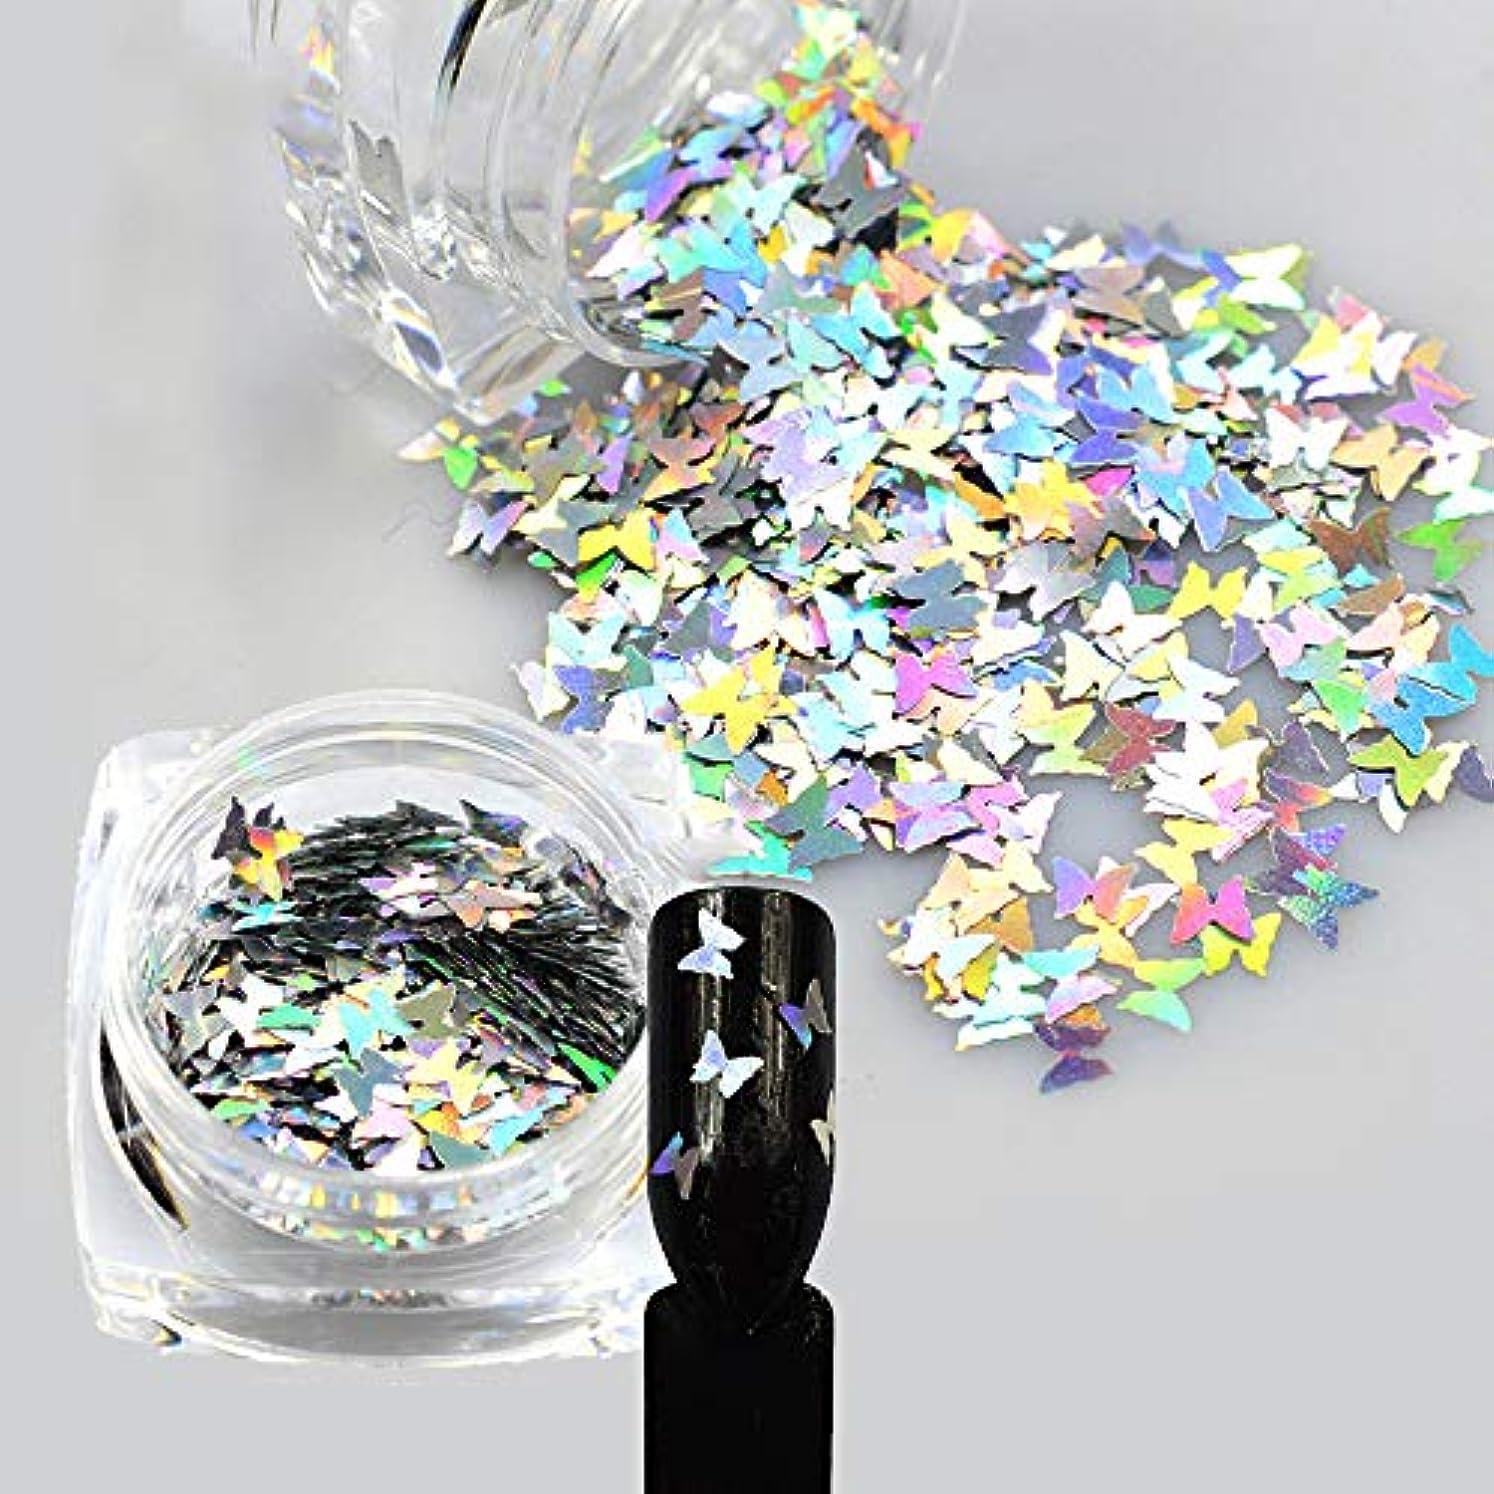 我慢するフェンス勉強する1ピースレーザー光沢のあるダイヤモンドラウンド超薄型スパンコールネイルアートキラキラのヒントUVジェル3DバタフライスパンコールレーザーマジックシルバーバタフライスパンコールネイルデコレーションマニキュアDIYアクセサリー